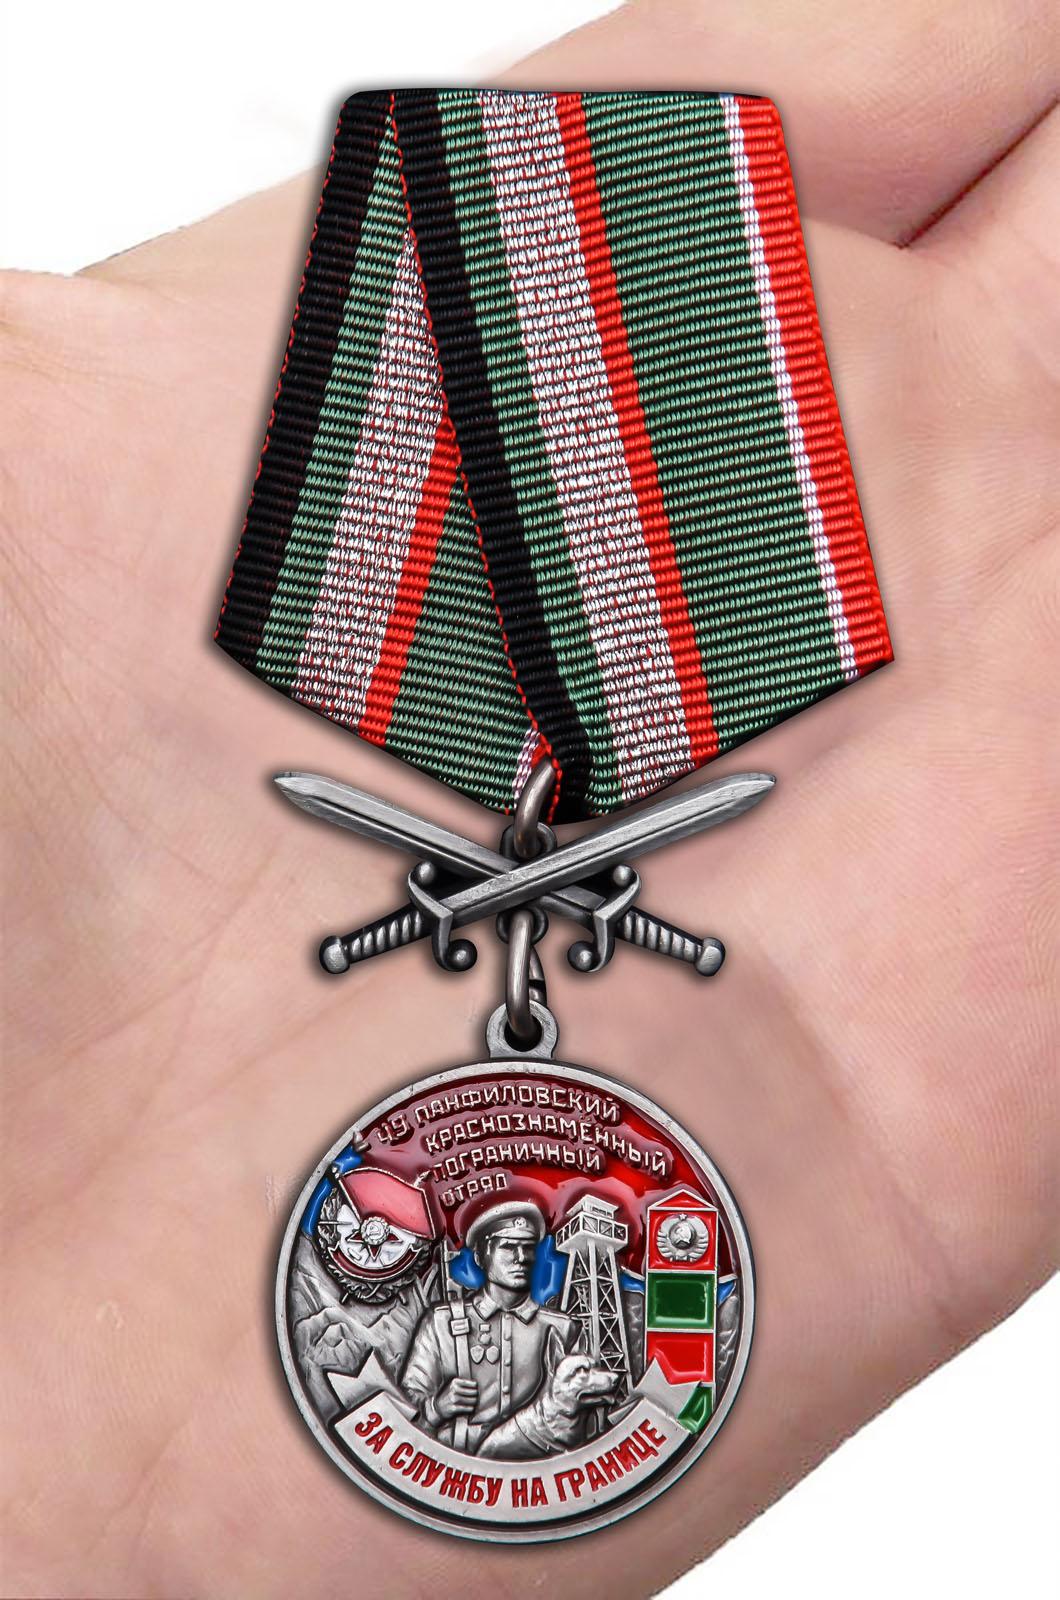 Памятная  медаль За службу на границе (49 Панфиловский ПогО) - вид на ладони